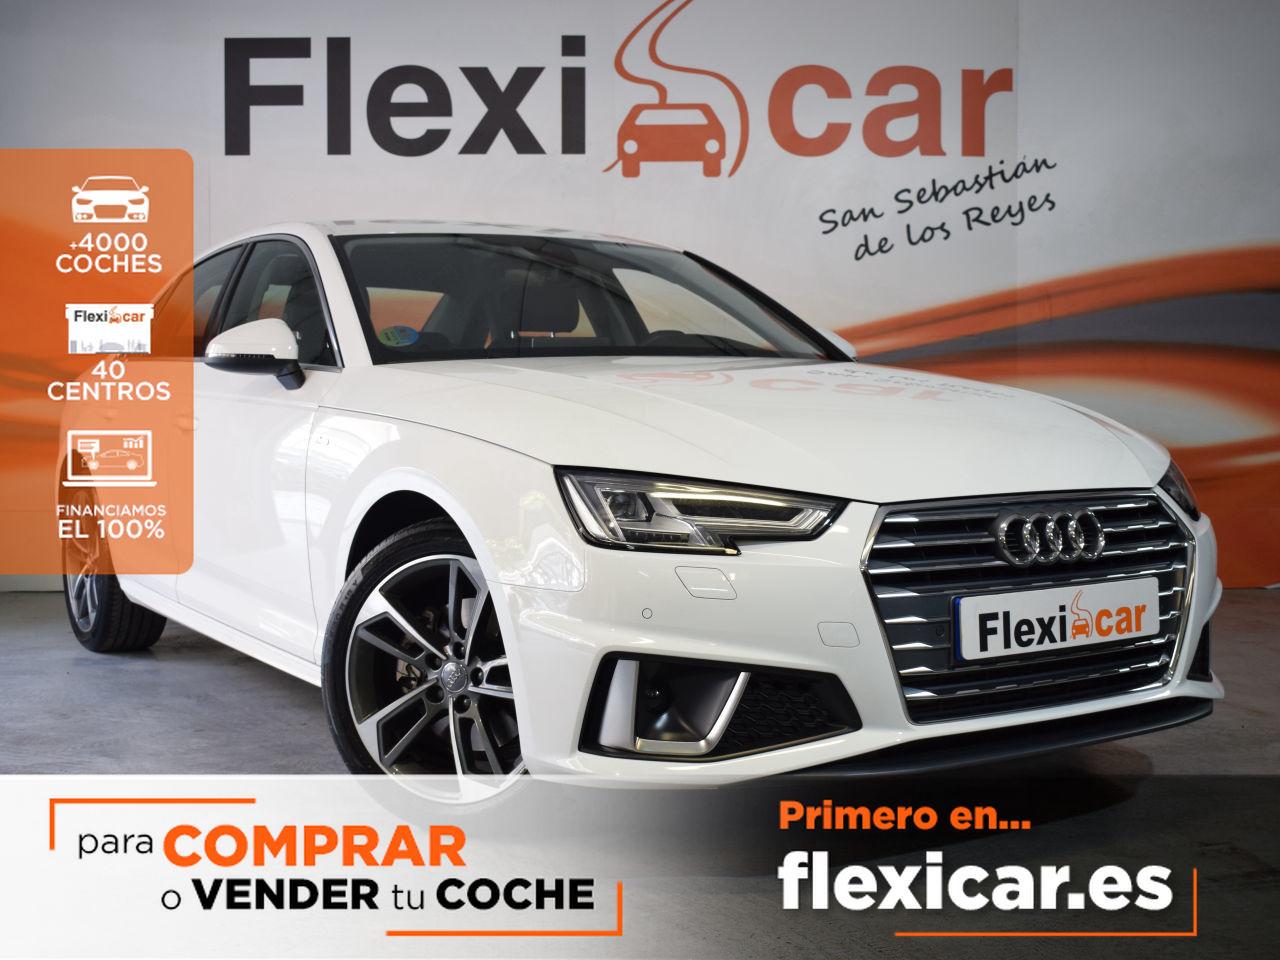 Audi A4 ocasión segunda mano 2019 Híbrido por 35.990€ en Madrid